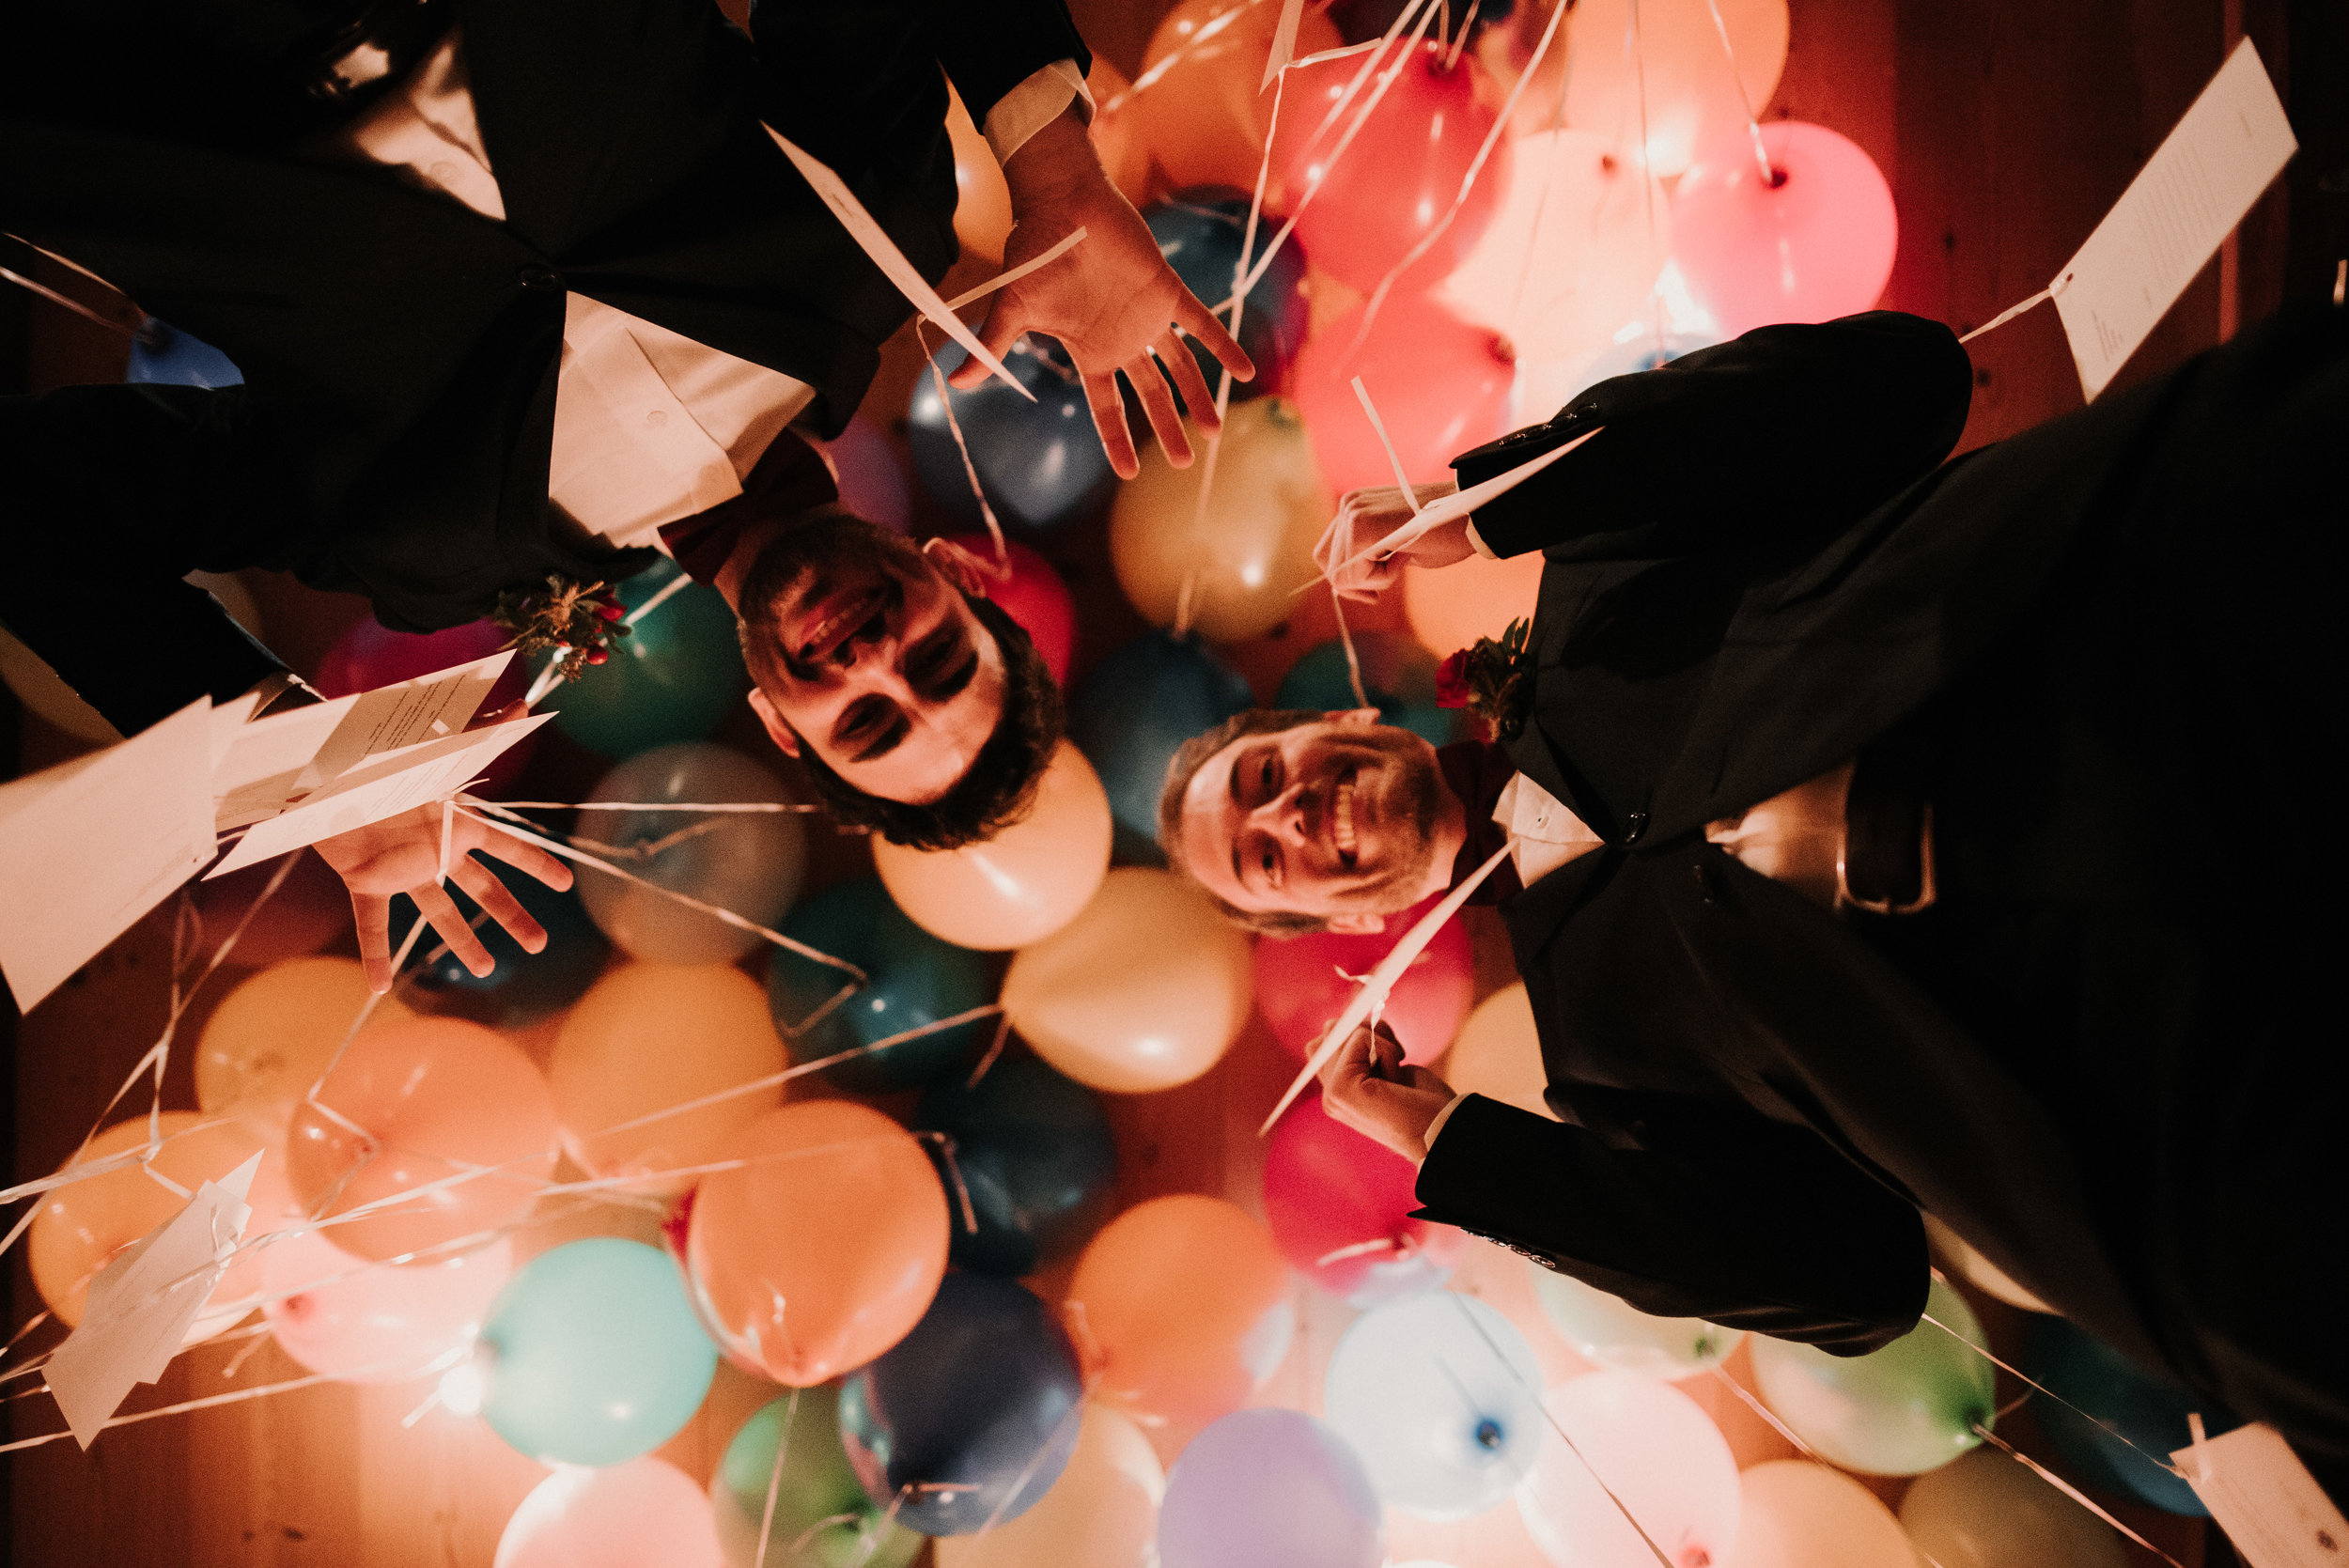 Léa-Fery-photographe-professionnel-lyon-rhone-alpes-portrait-creation-mariage-evenement-evenementiel-famille-2-157.jpg